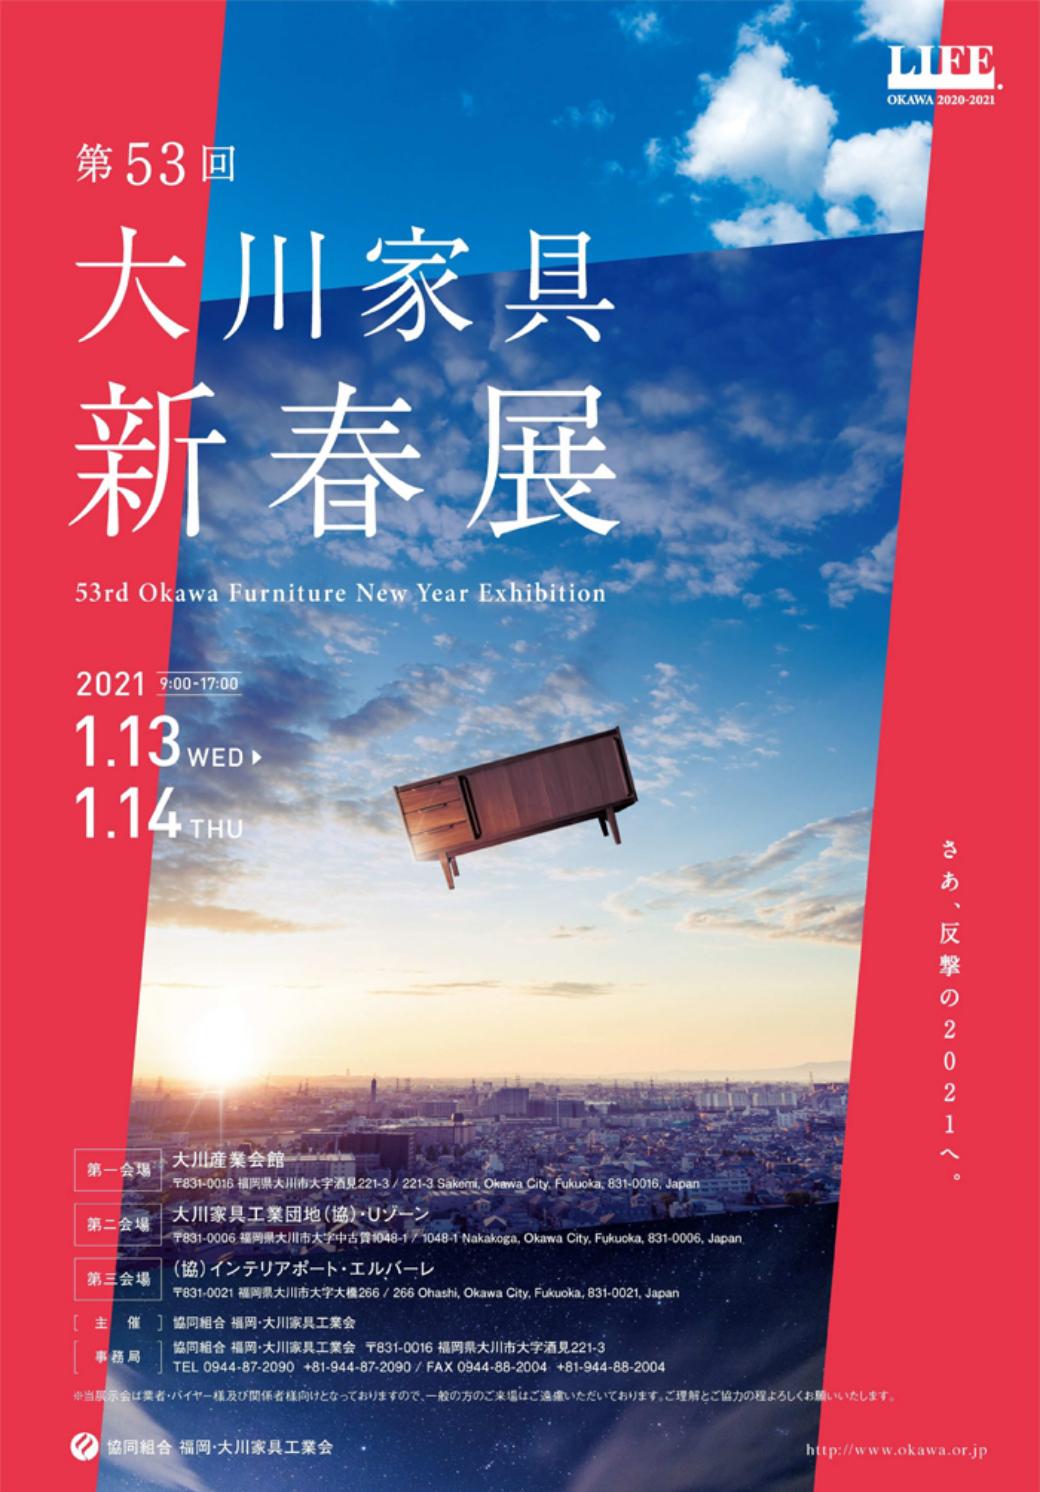 第53回 大川家具新春展 出展のお知らせ